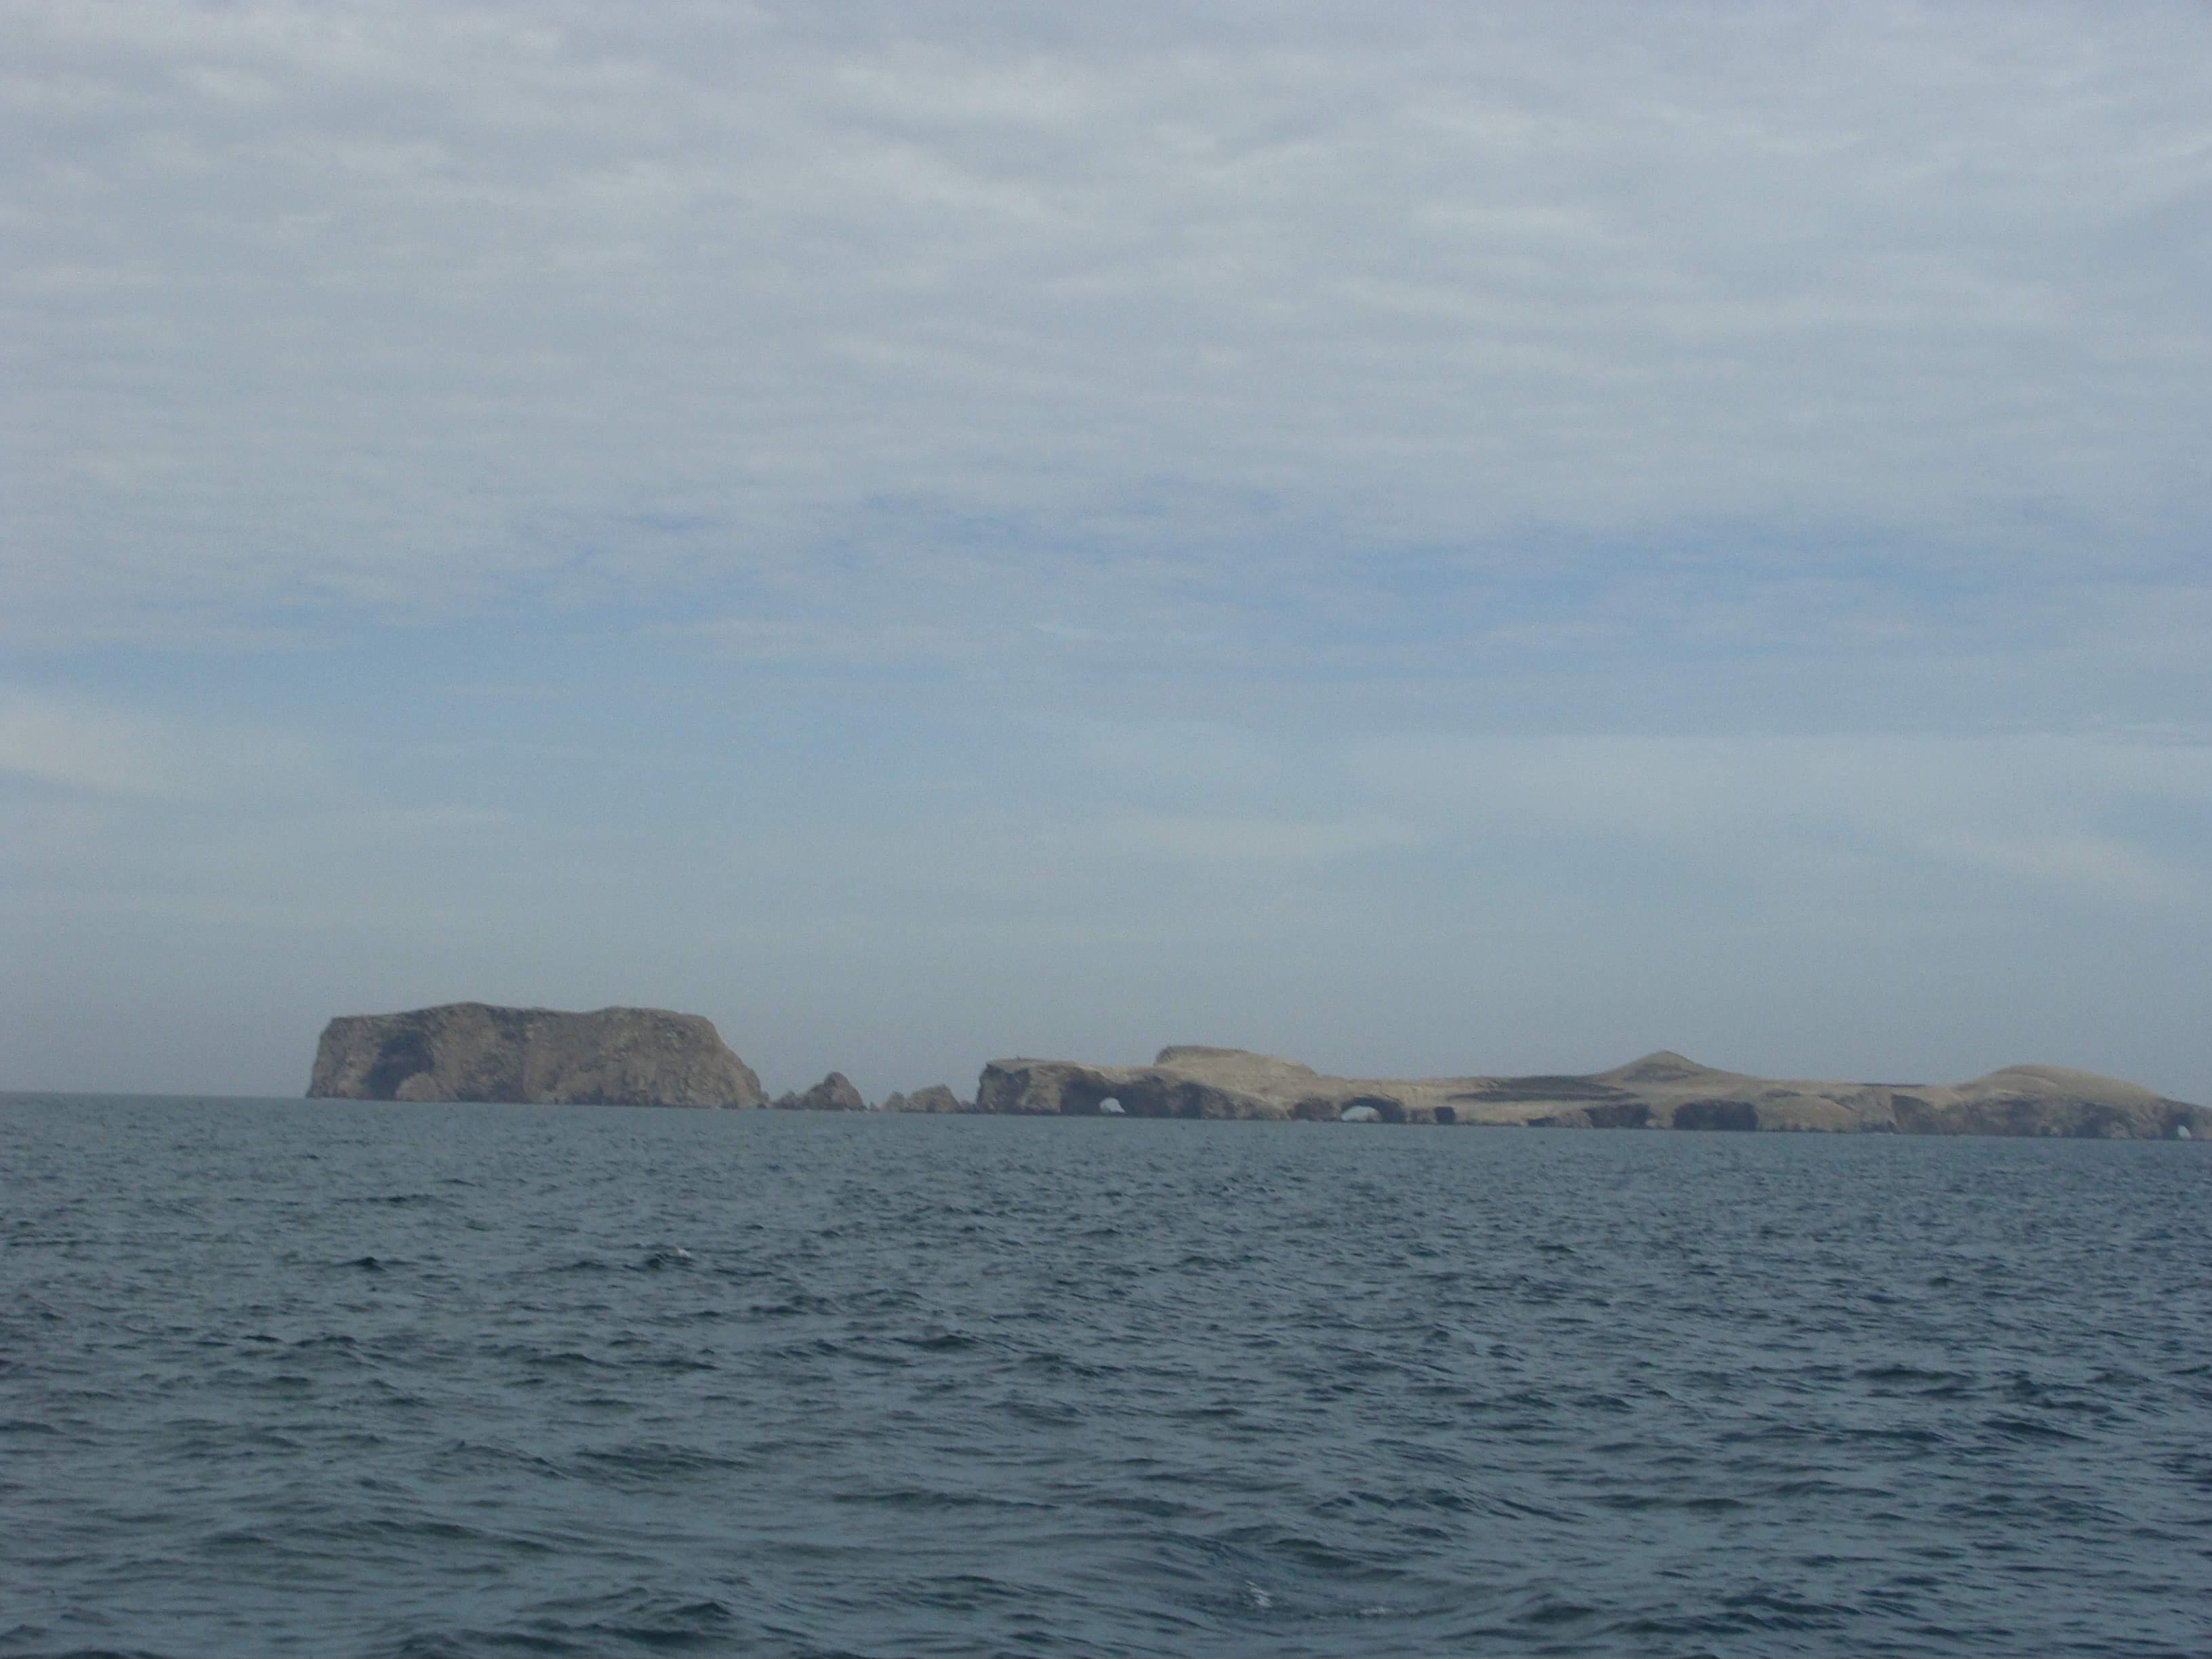 Na obzoru je národní rezervace Islas Balestas 22. 2. 2011